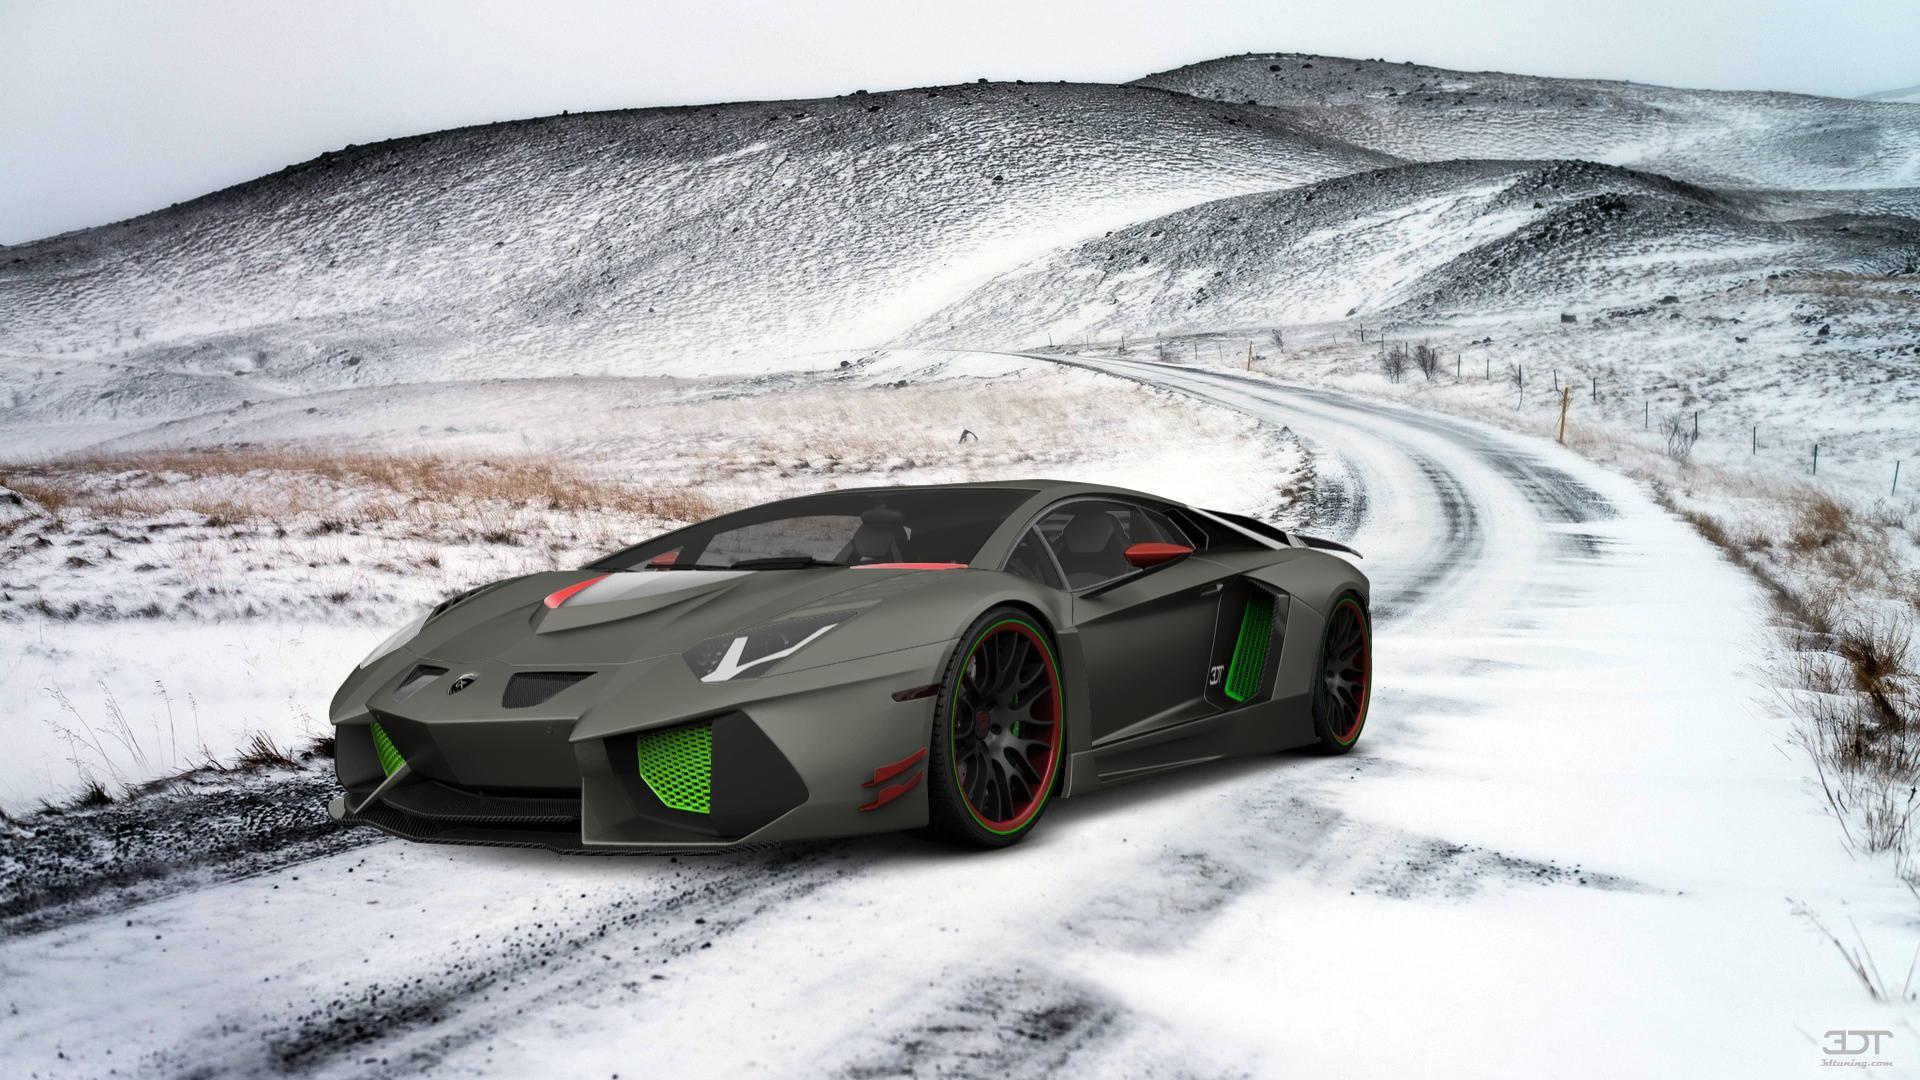 Checkout my tuning Lamborghini Aventador 2012 at 3DTuning